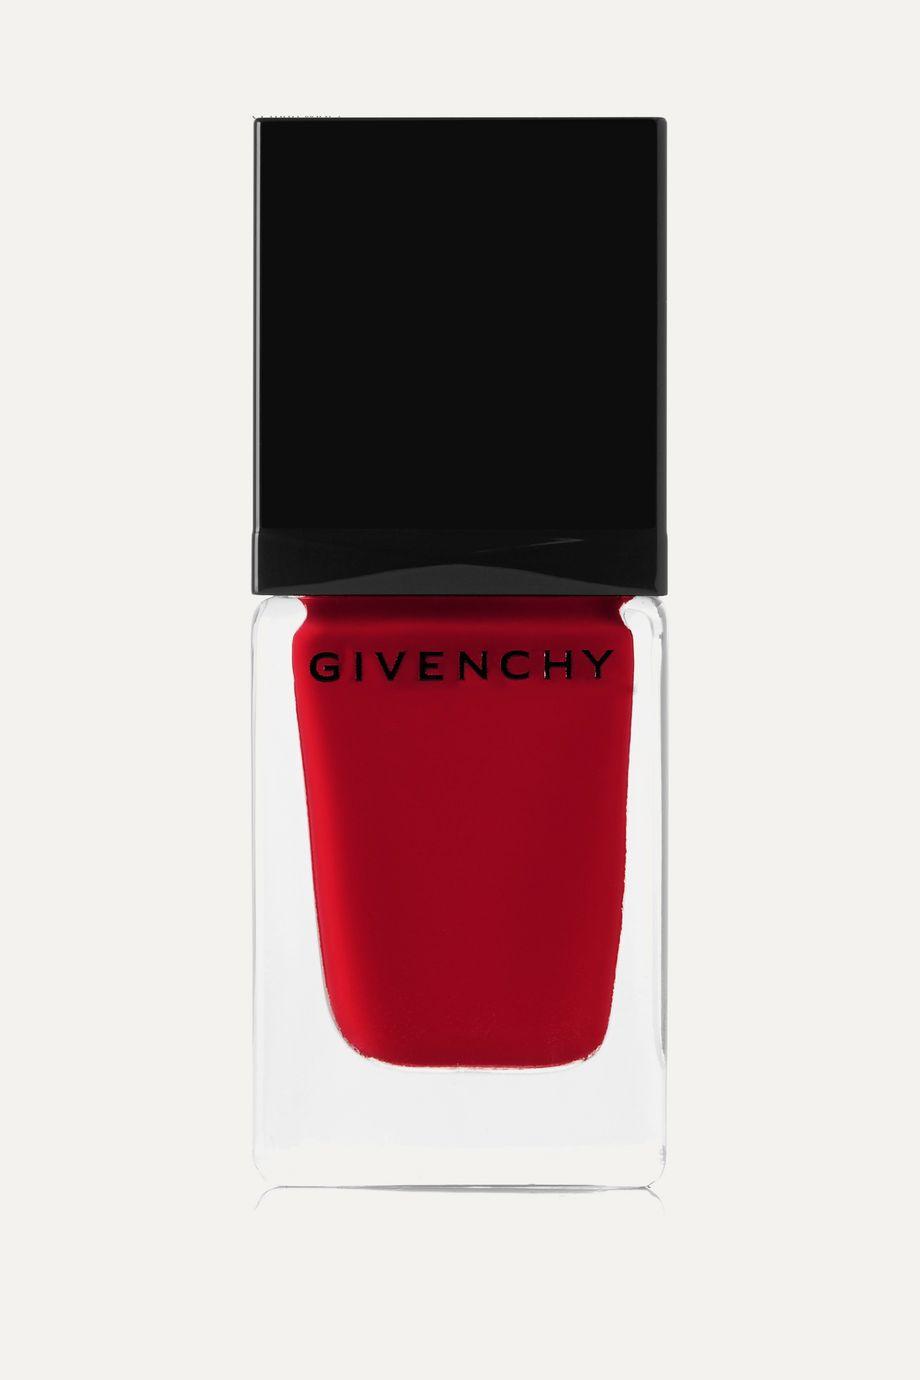 Givenchy Beauty Nail Polish - Carmin Escarpin 09